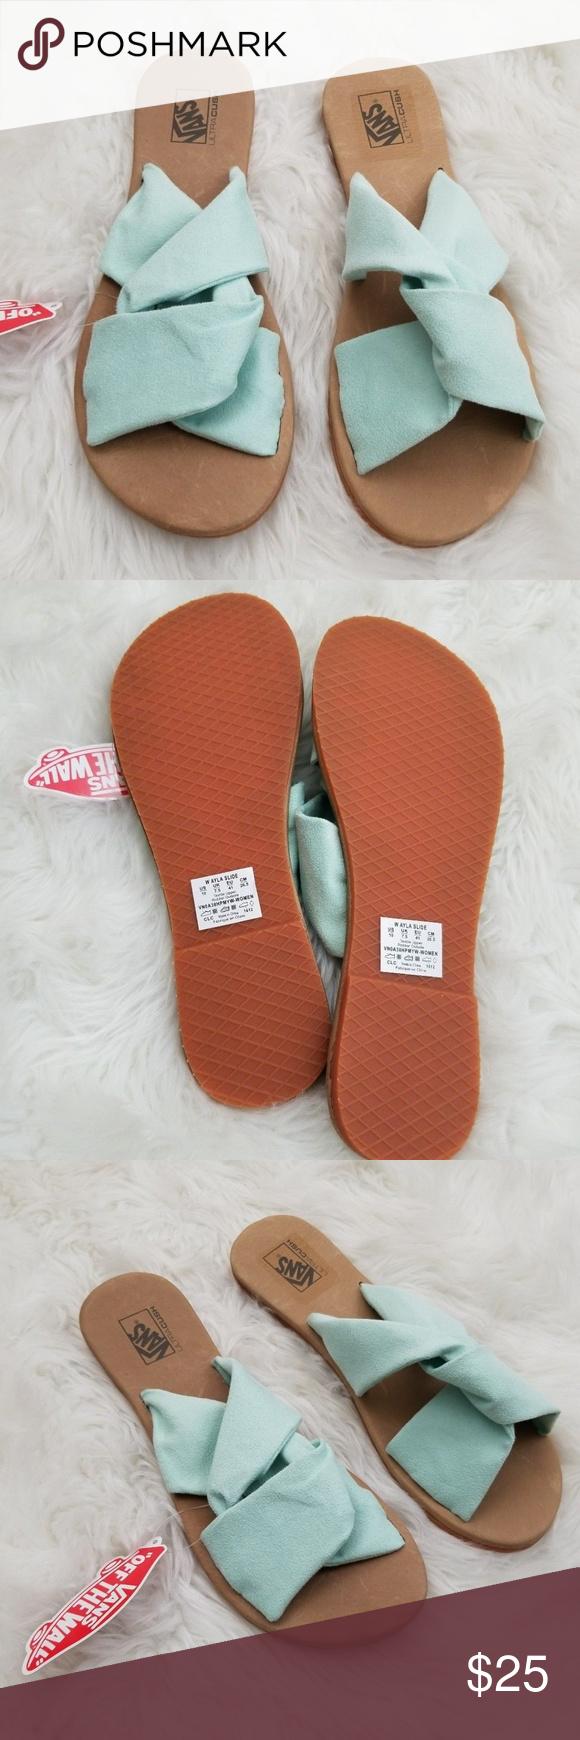 89ea928c18e7 VANS Ayla Suede Slide Sandals Bay Green 10 Brand new in box. Vans Ayla Suede